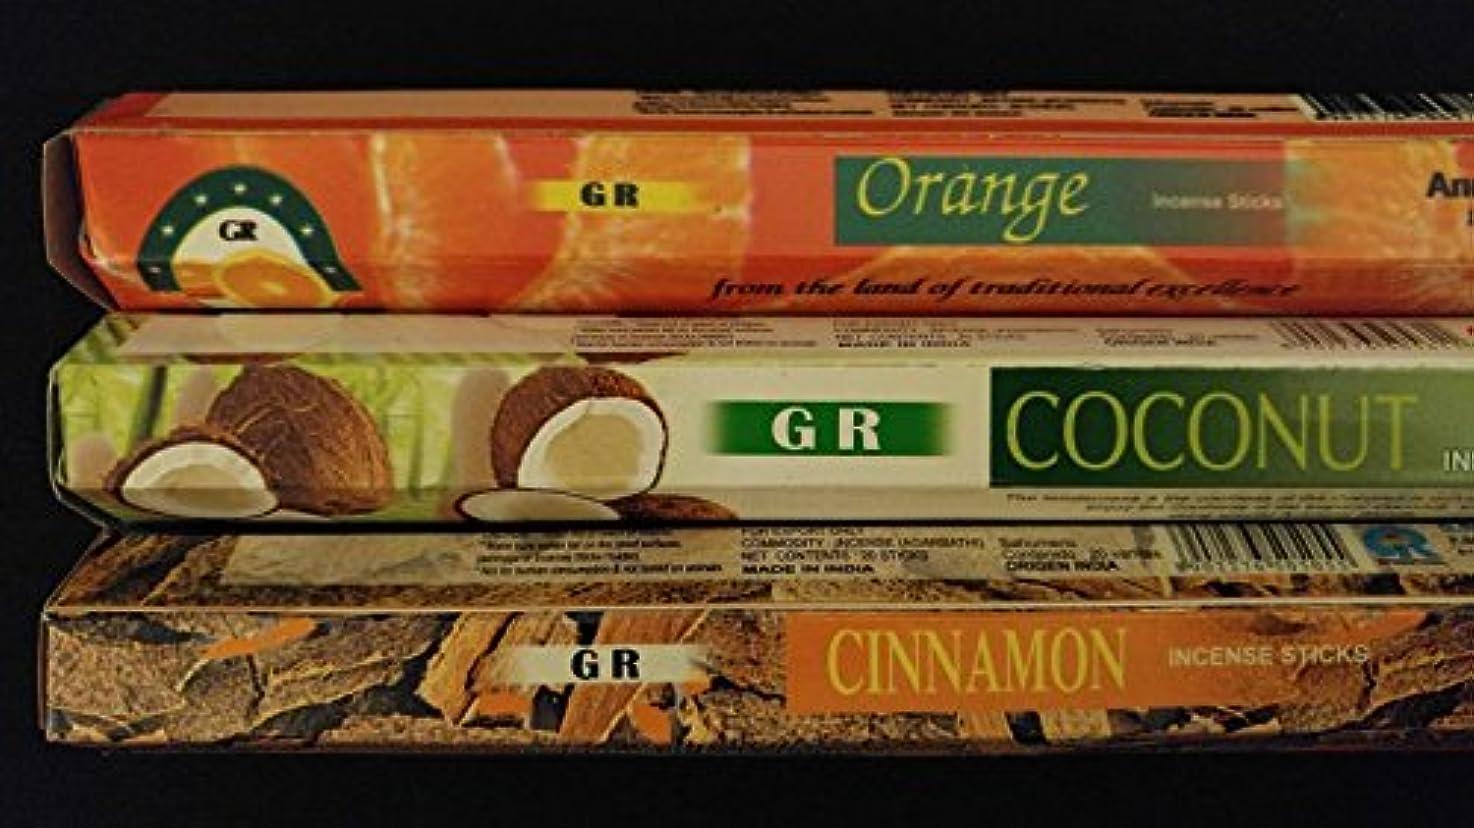 インスタンスパワージャケットカップケーキココナッツシナモンオレンジ60 gr Incense Sticks 3香りサンプラーギフトセット